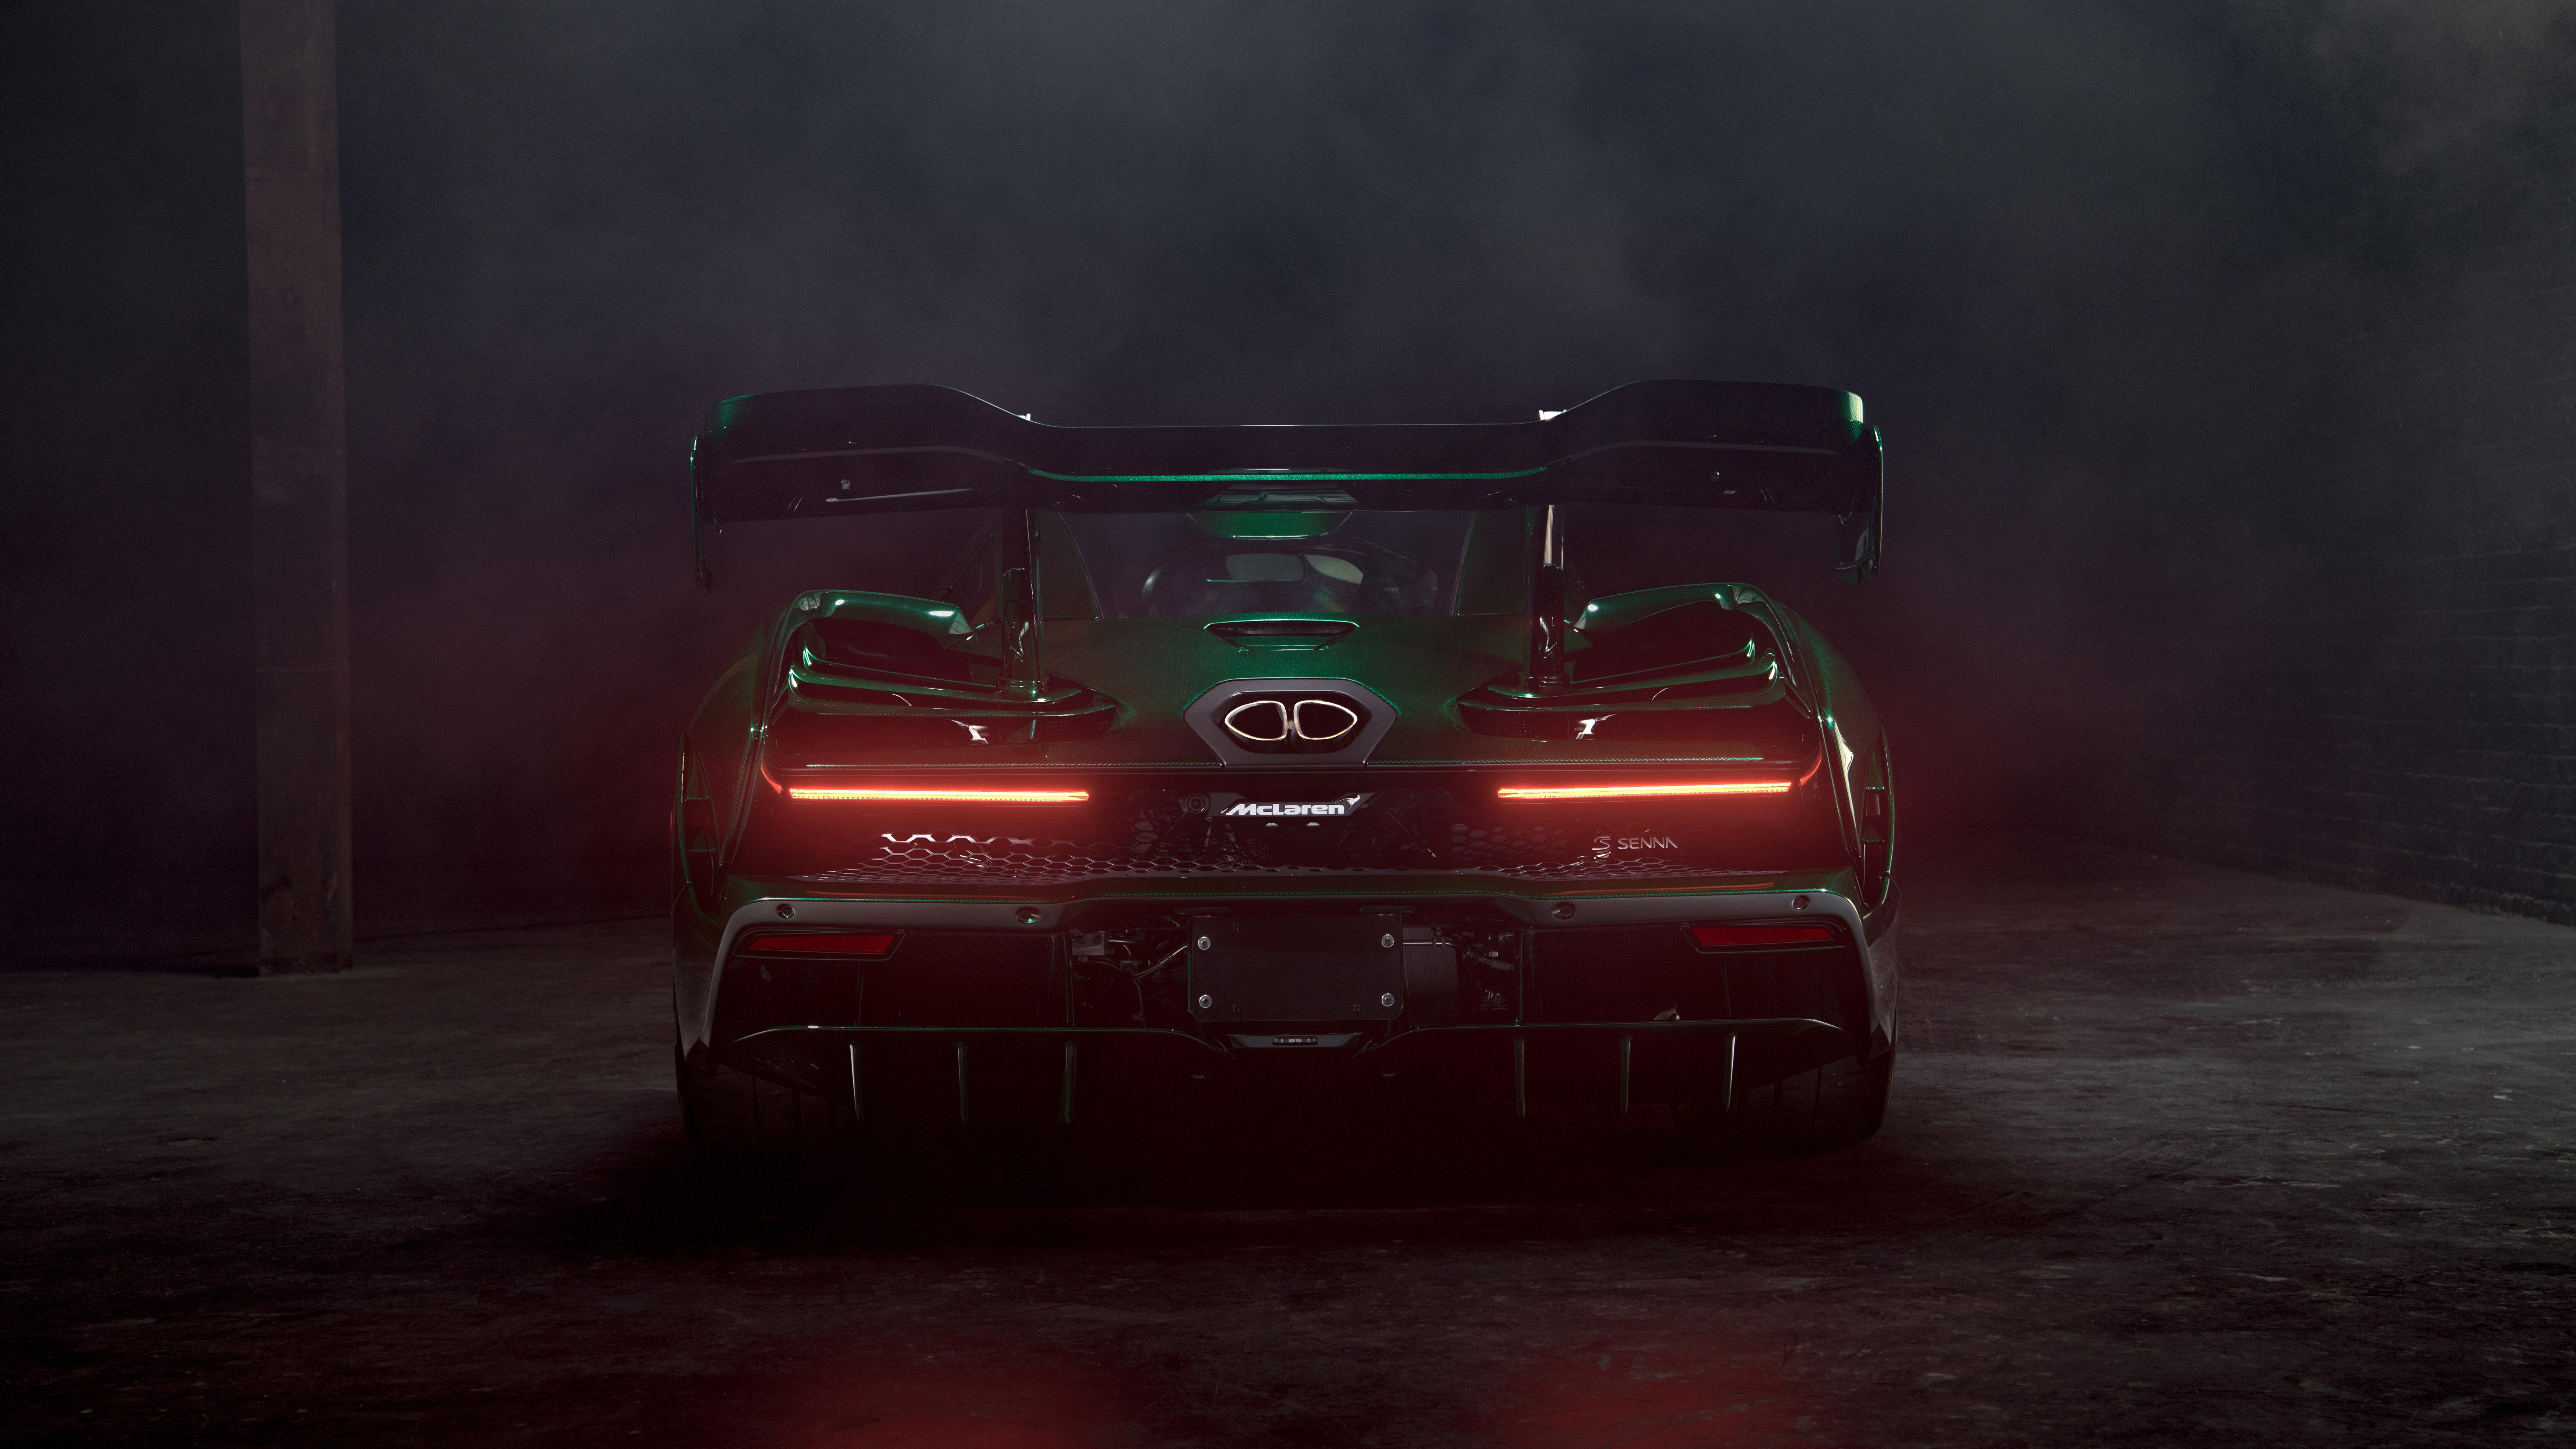 2018 McLaren Senna Emerald Green 4K 8K